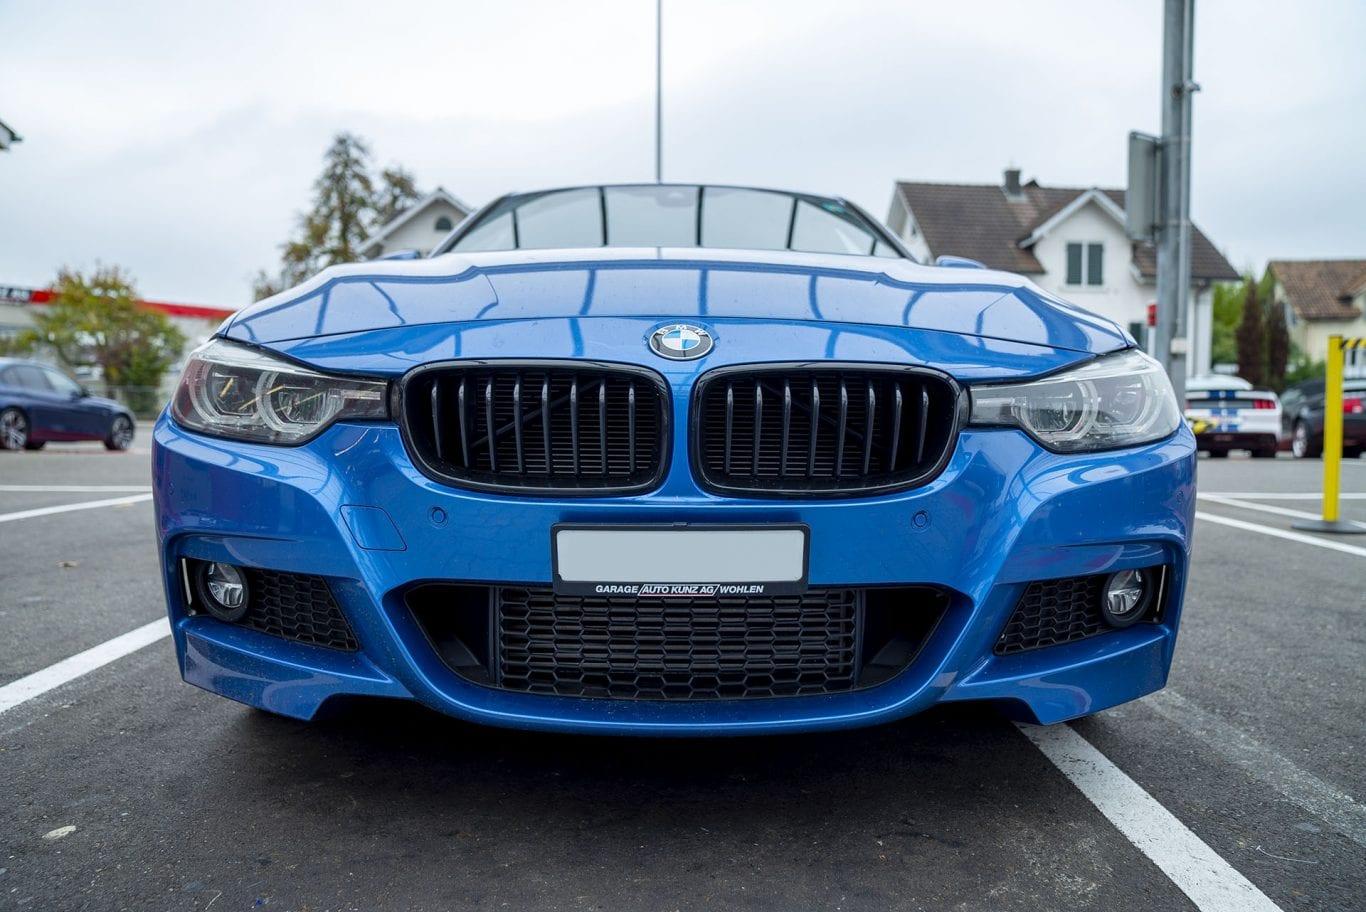 Automatisch gespeicherter Entwurf - Auto Kunz AG 9